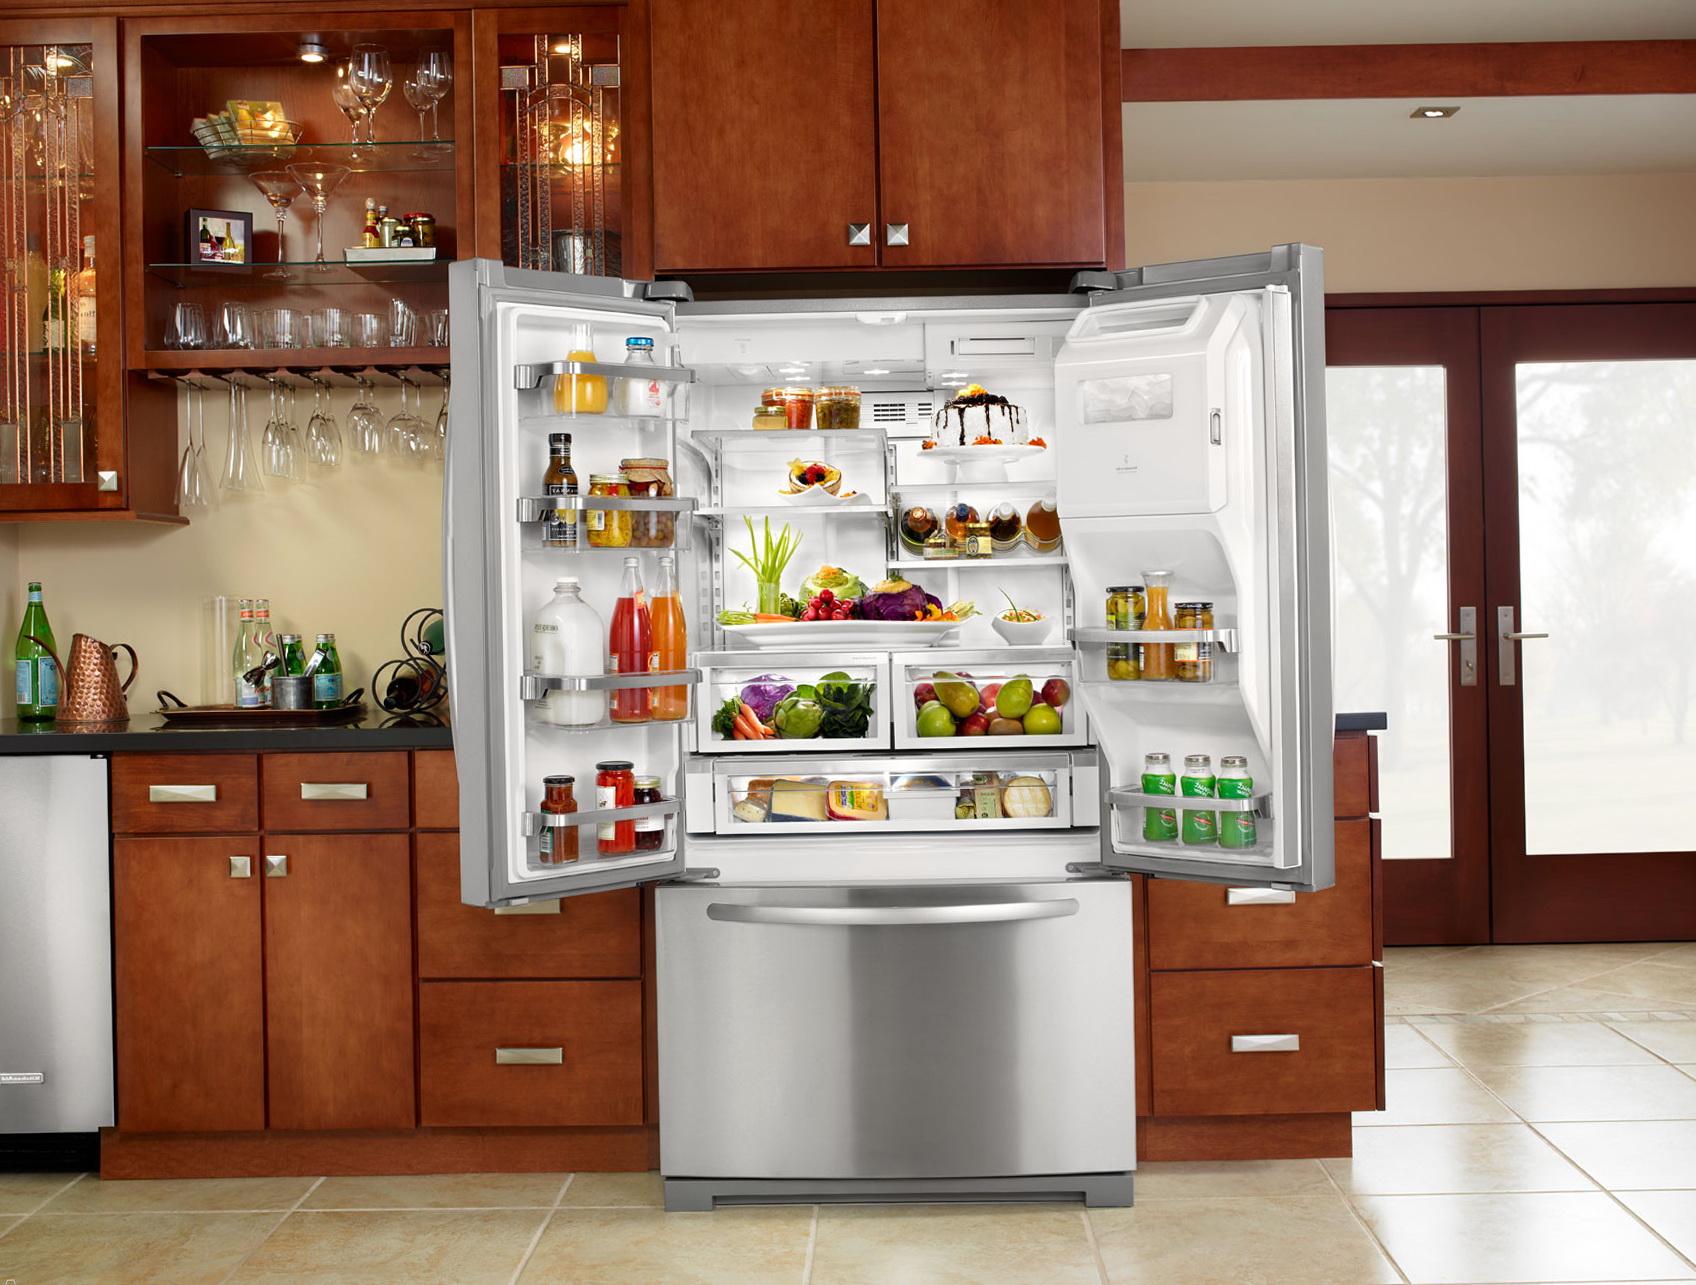 French Door Refrigerator In Kitchen